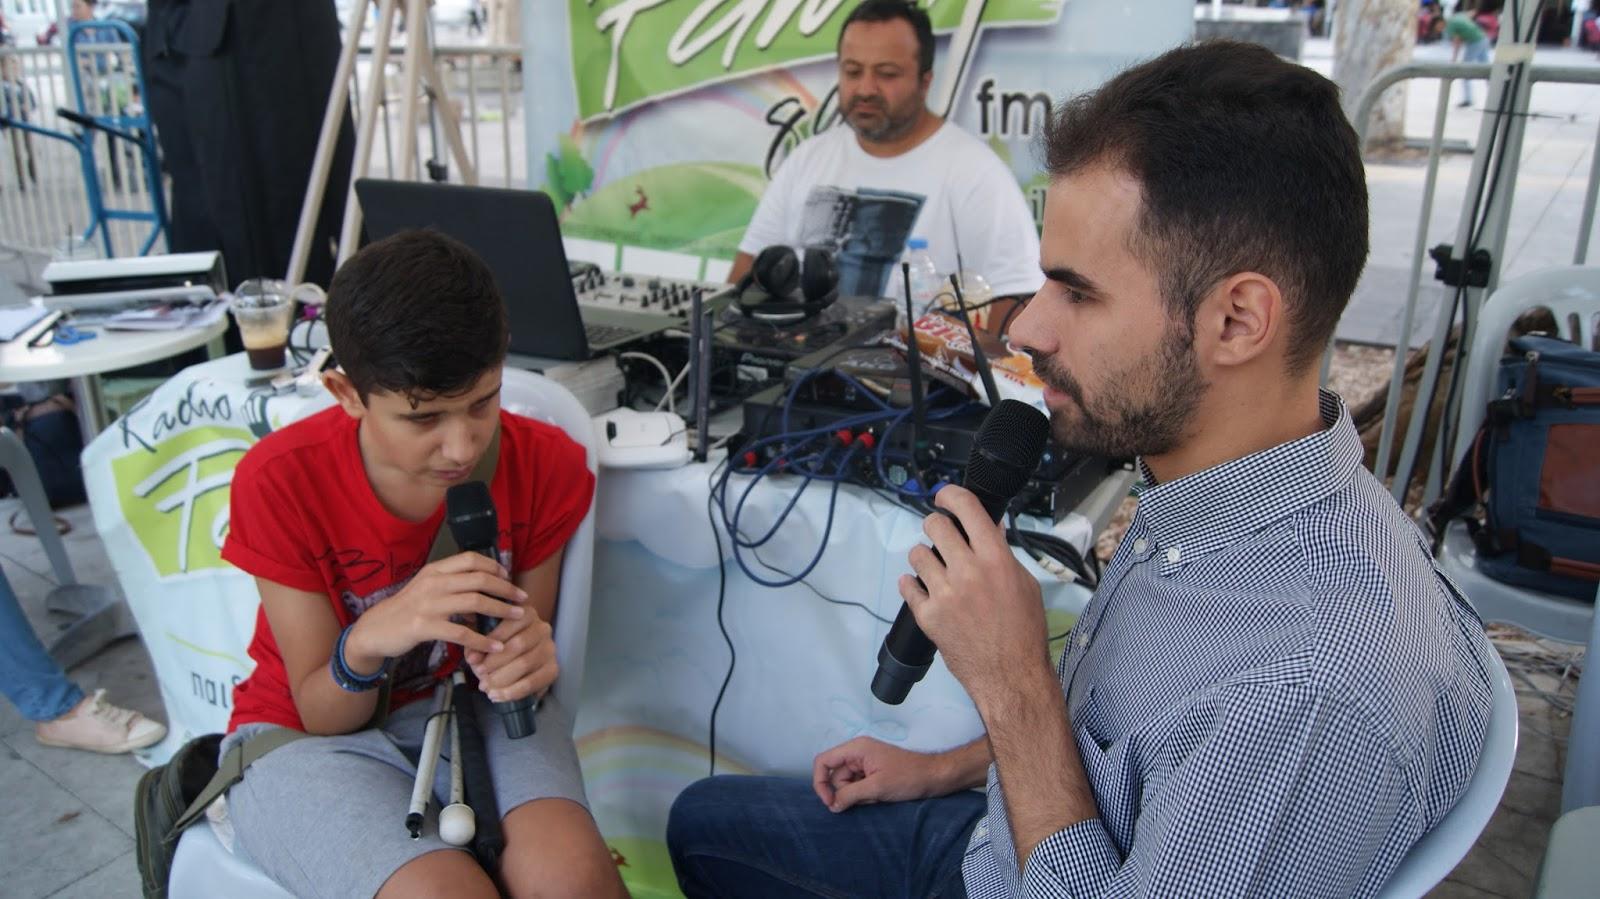 Ο Βαγγέλης Αυγουλάς και ένα αγόρι το οποίο είναι τυφλό μιλούν στο ραδιόφωνο